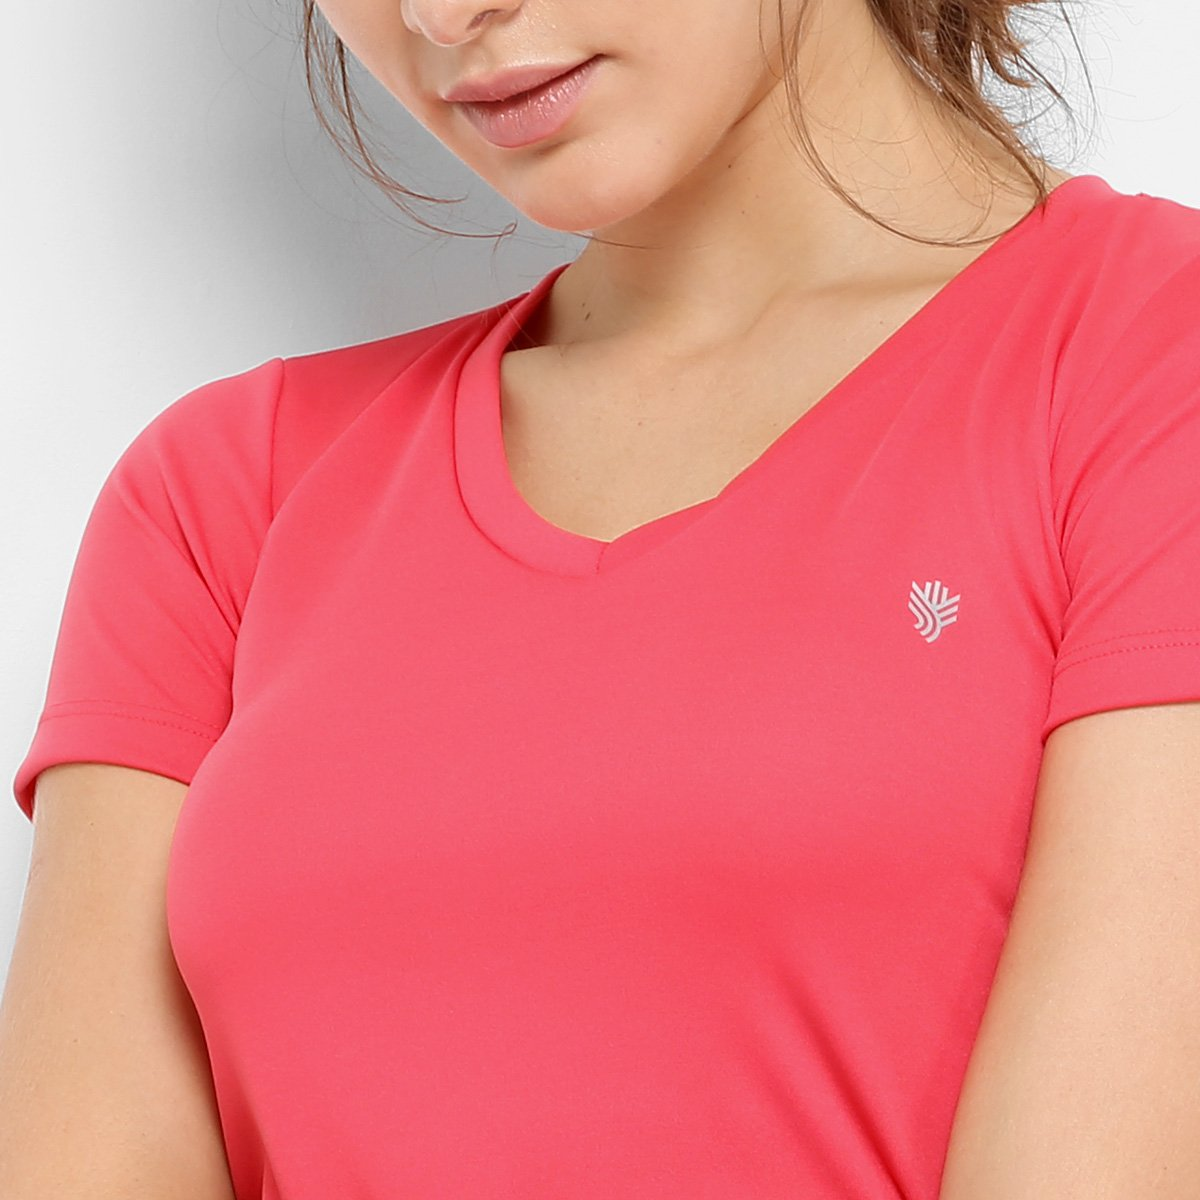 Lola GONEW Feminina Basic Camiseta Pink Pink Basic Camiseta Lola Feminina GONEW Camiseta GONEW Lola Aqv17aw